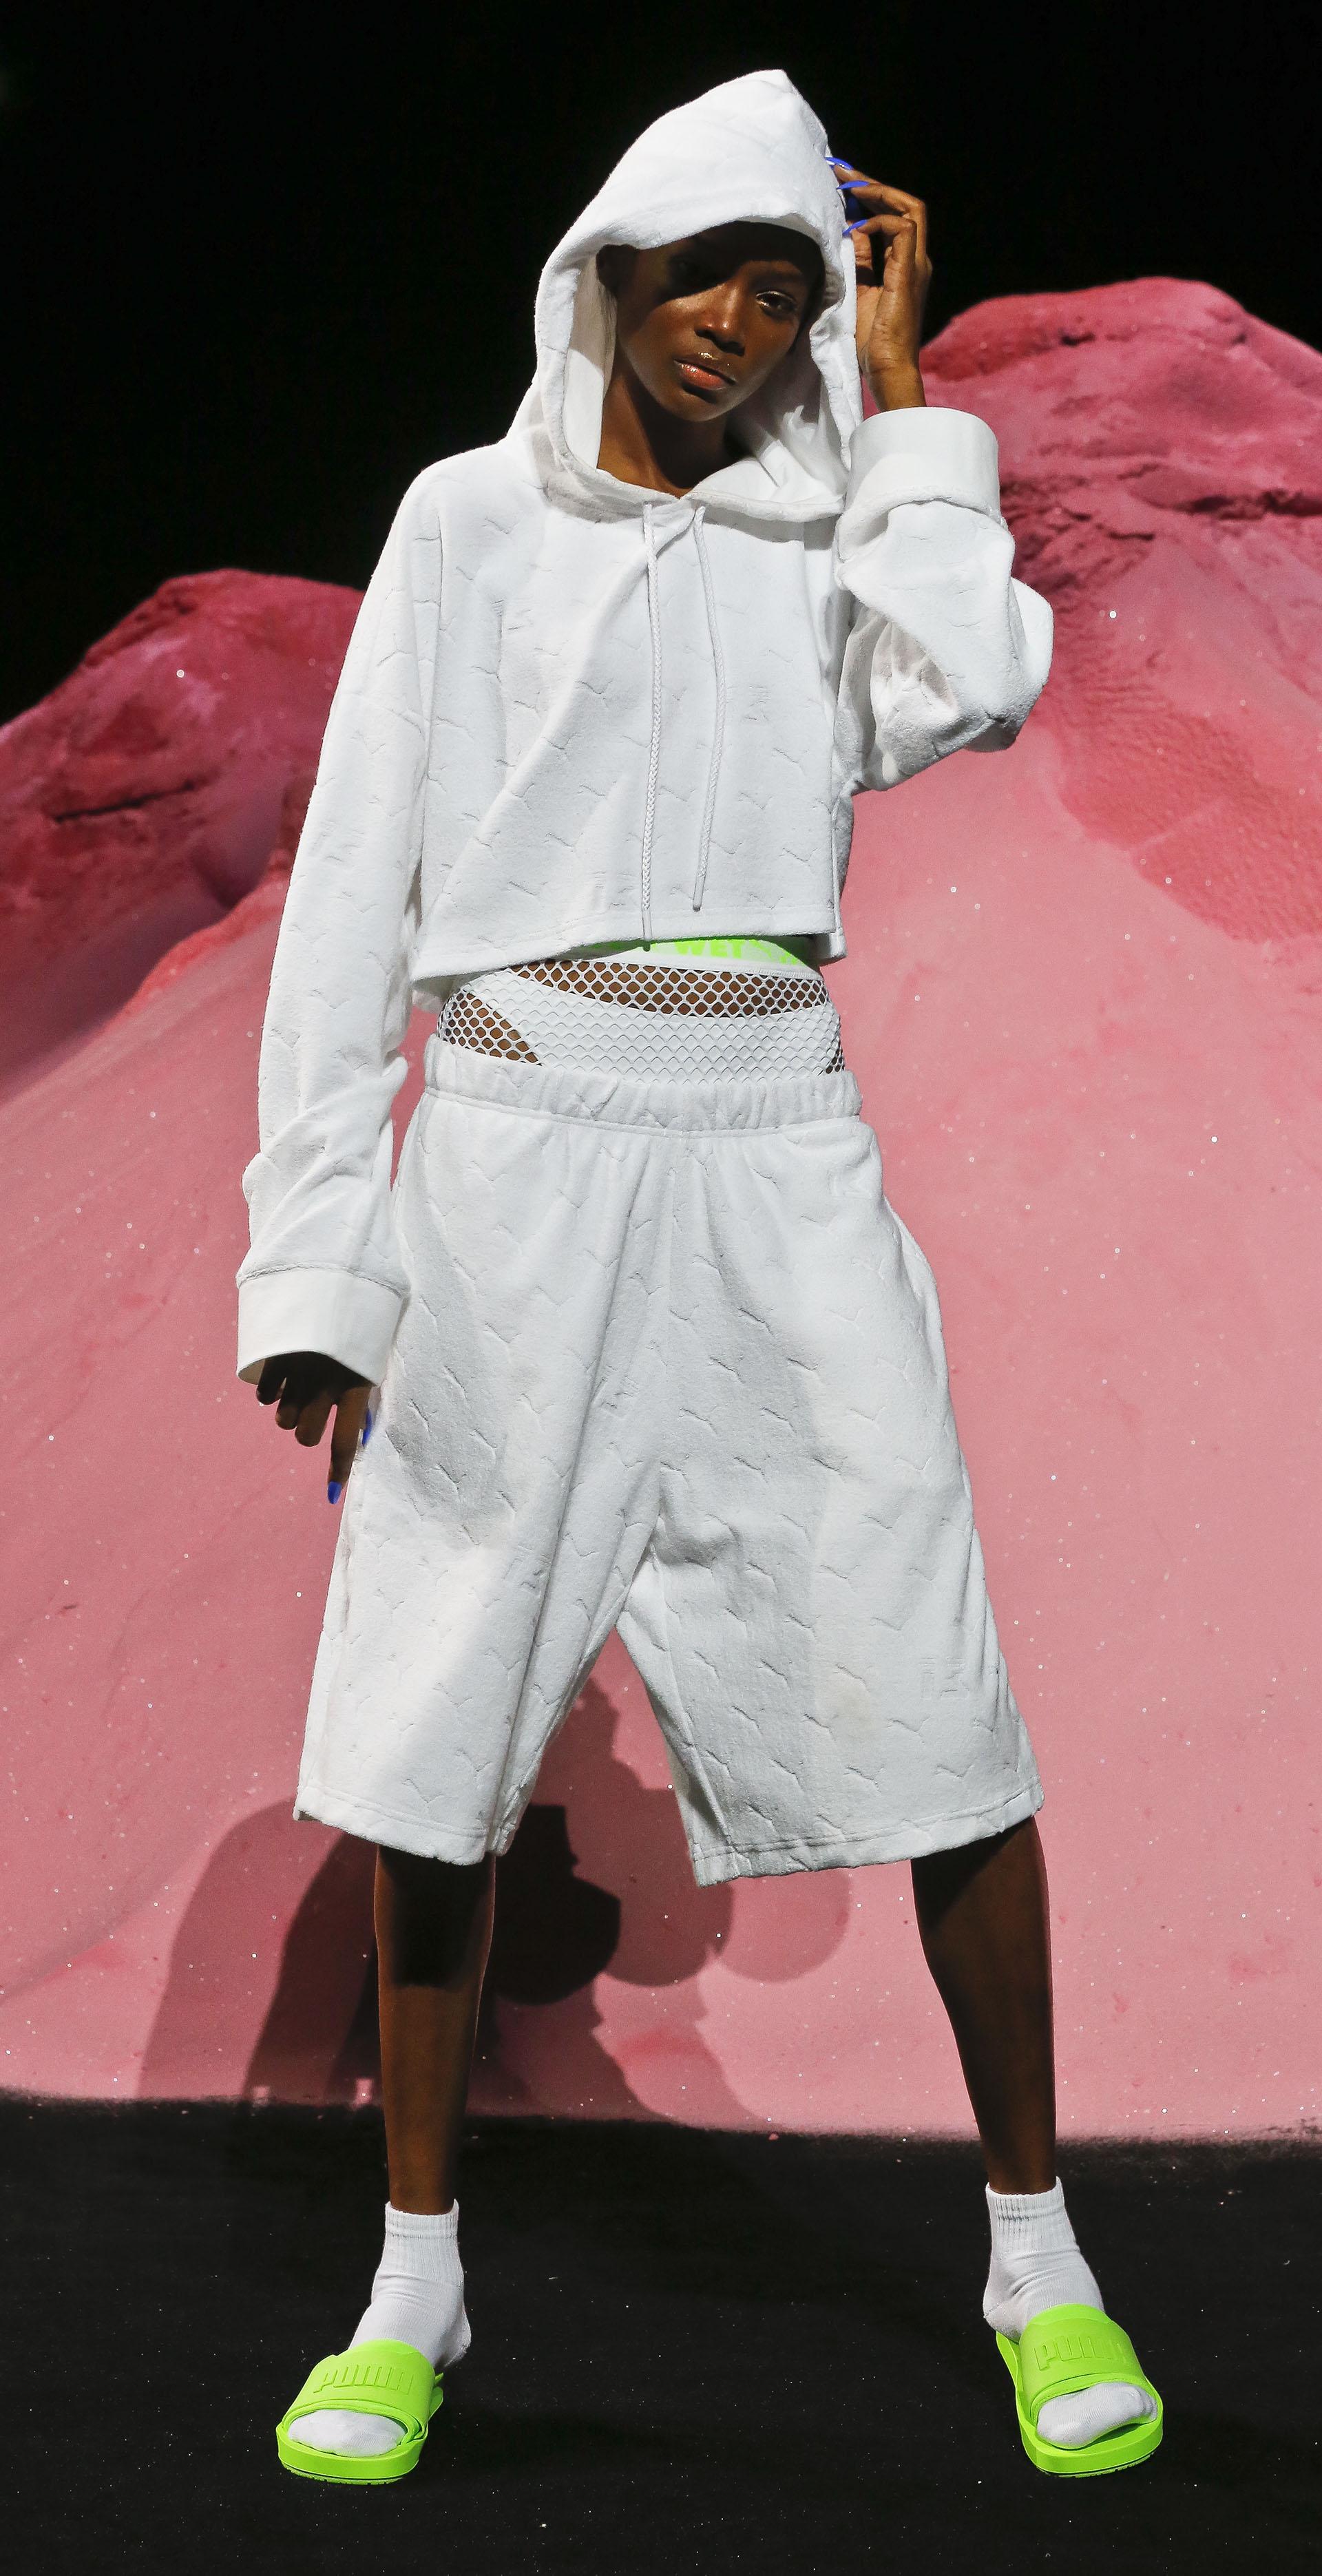 Los diseños mantienen la estética glam impuesta por la cantante (AP Photo/Bebeto Matthews)